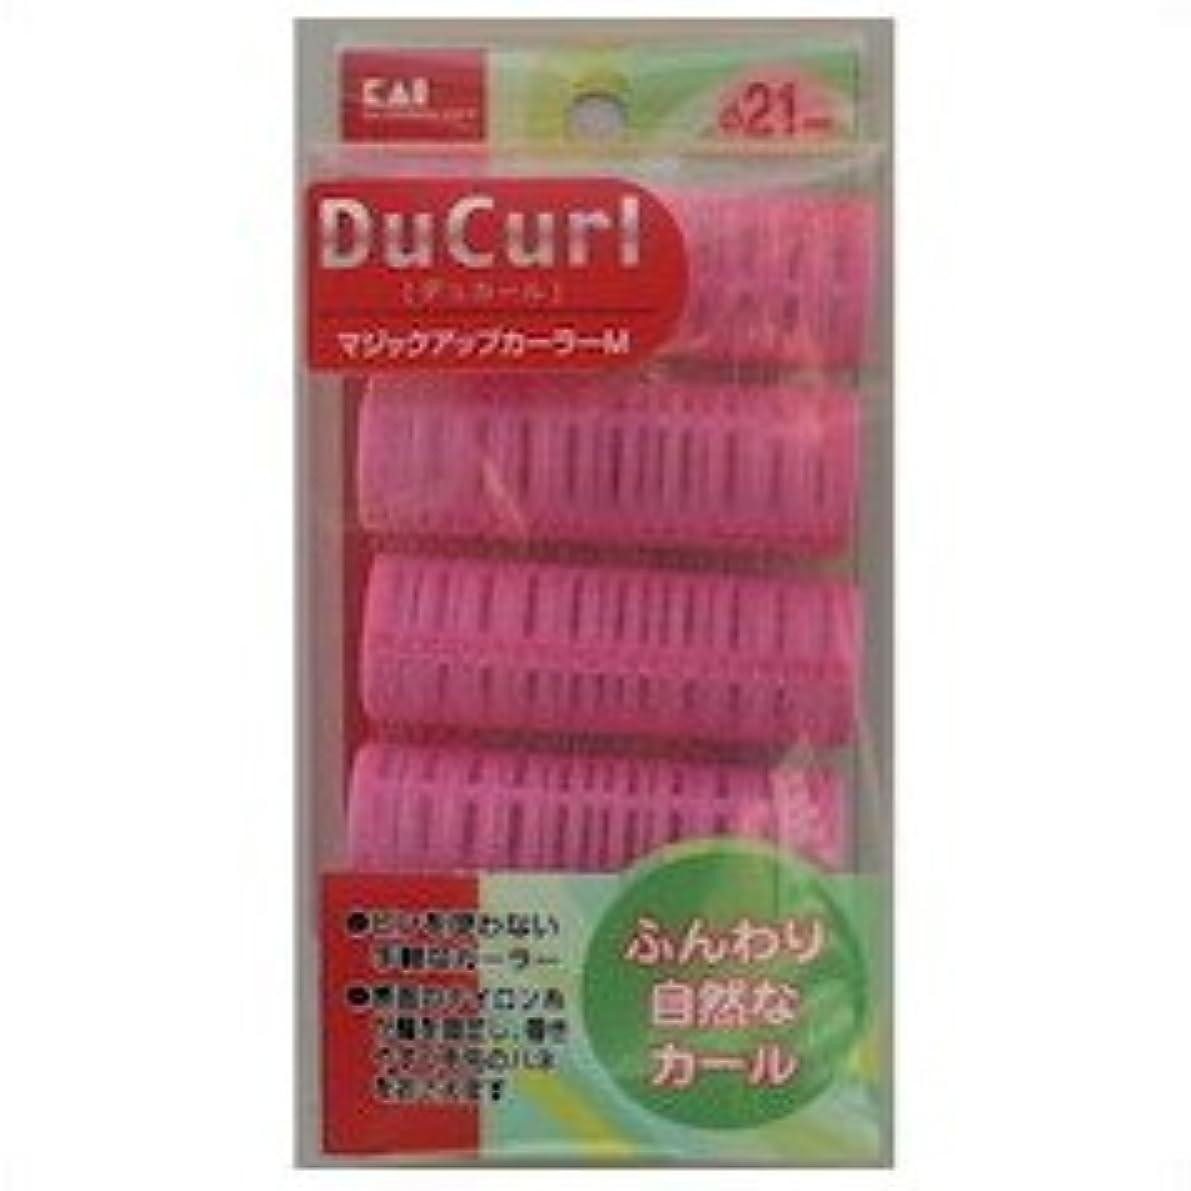 本体巧みなスタッフHC-0646 DuC マジックアップカーラーM 4P